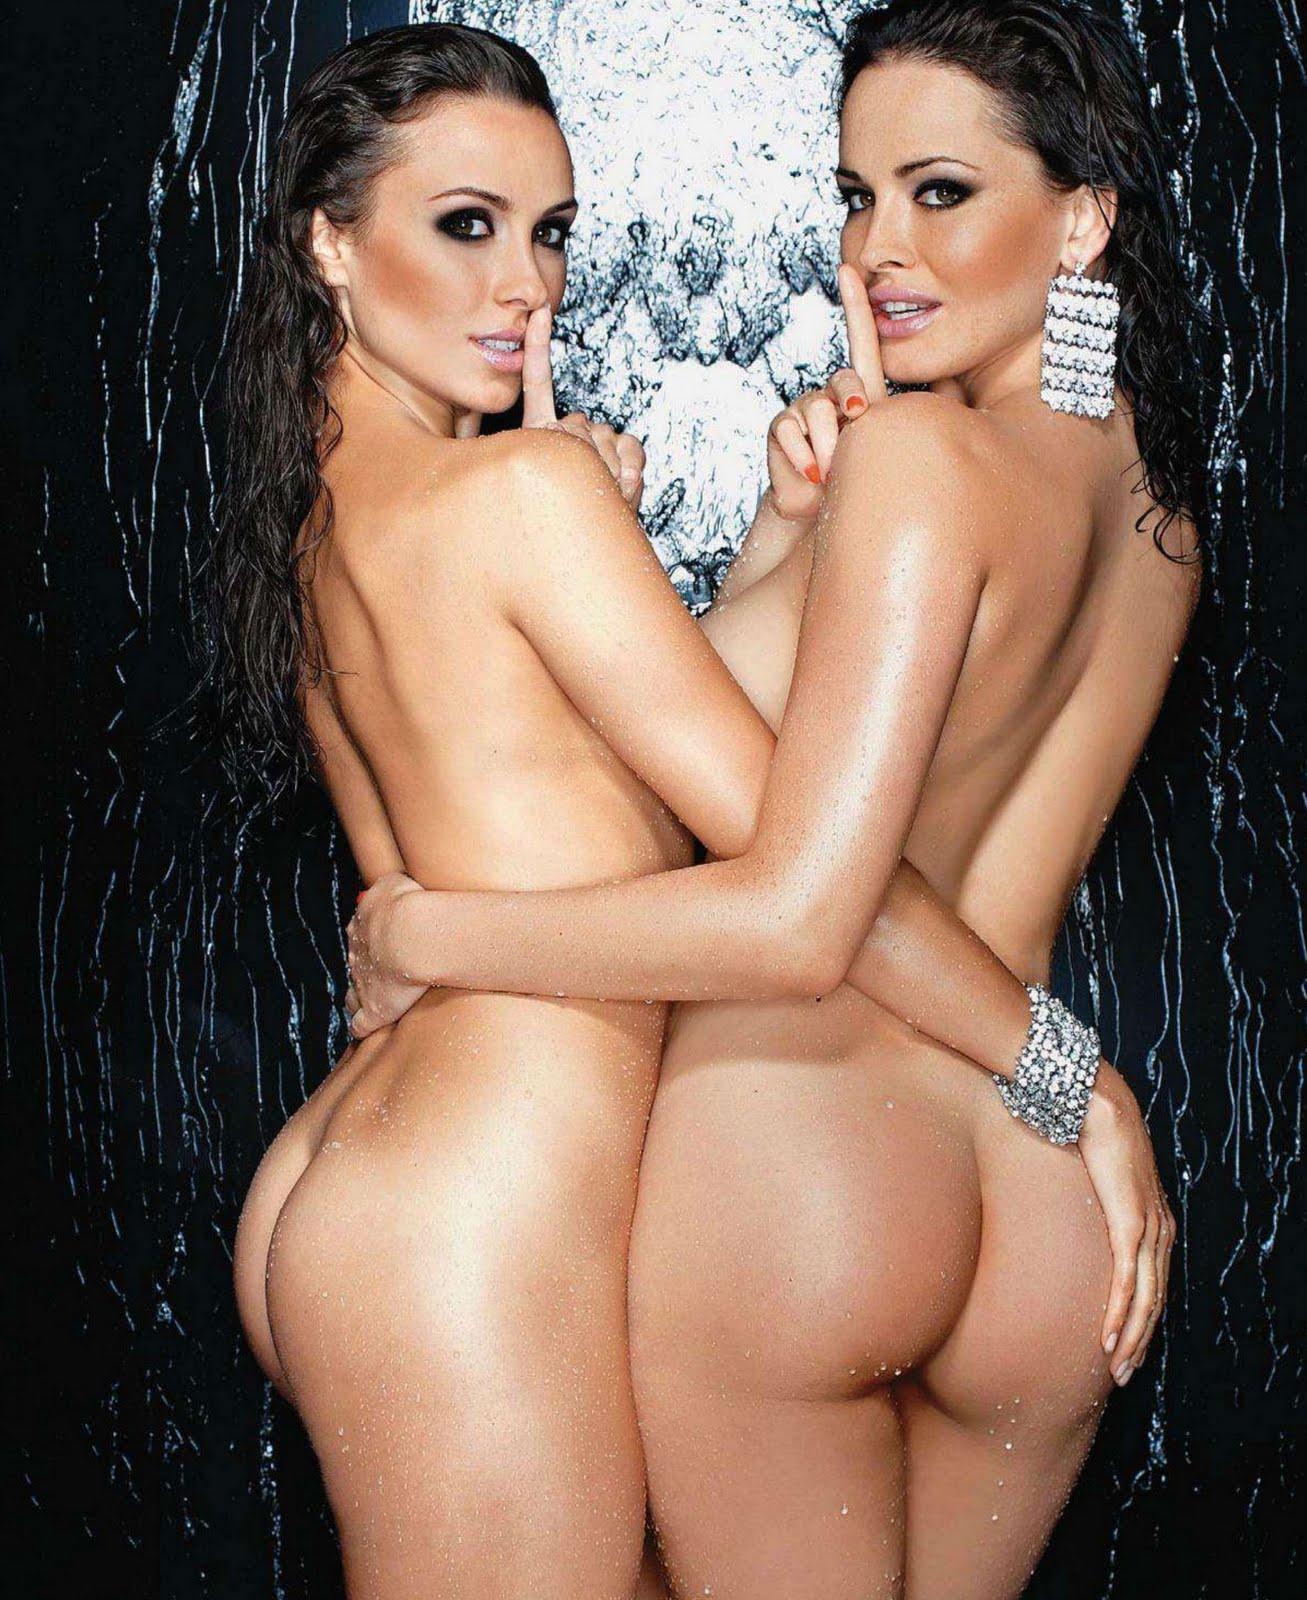 Русские певицы голые бесплатно 2 фотография